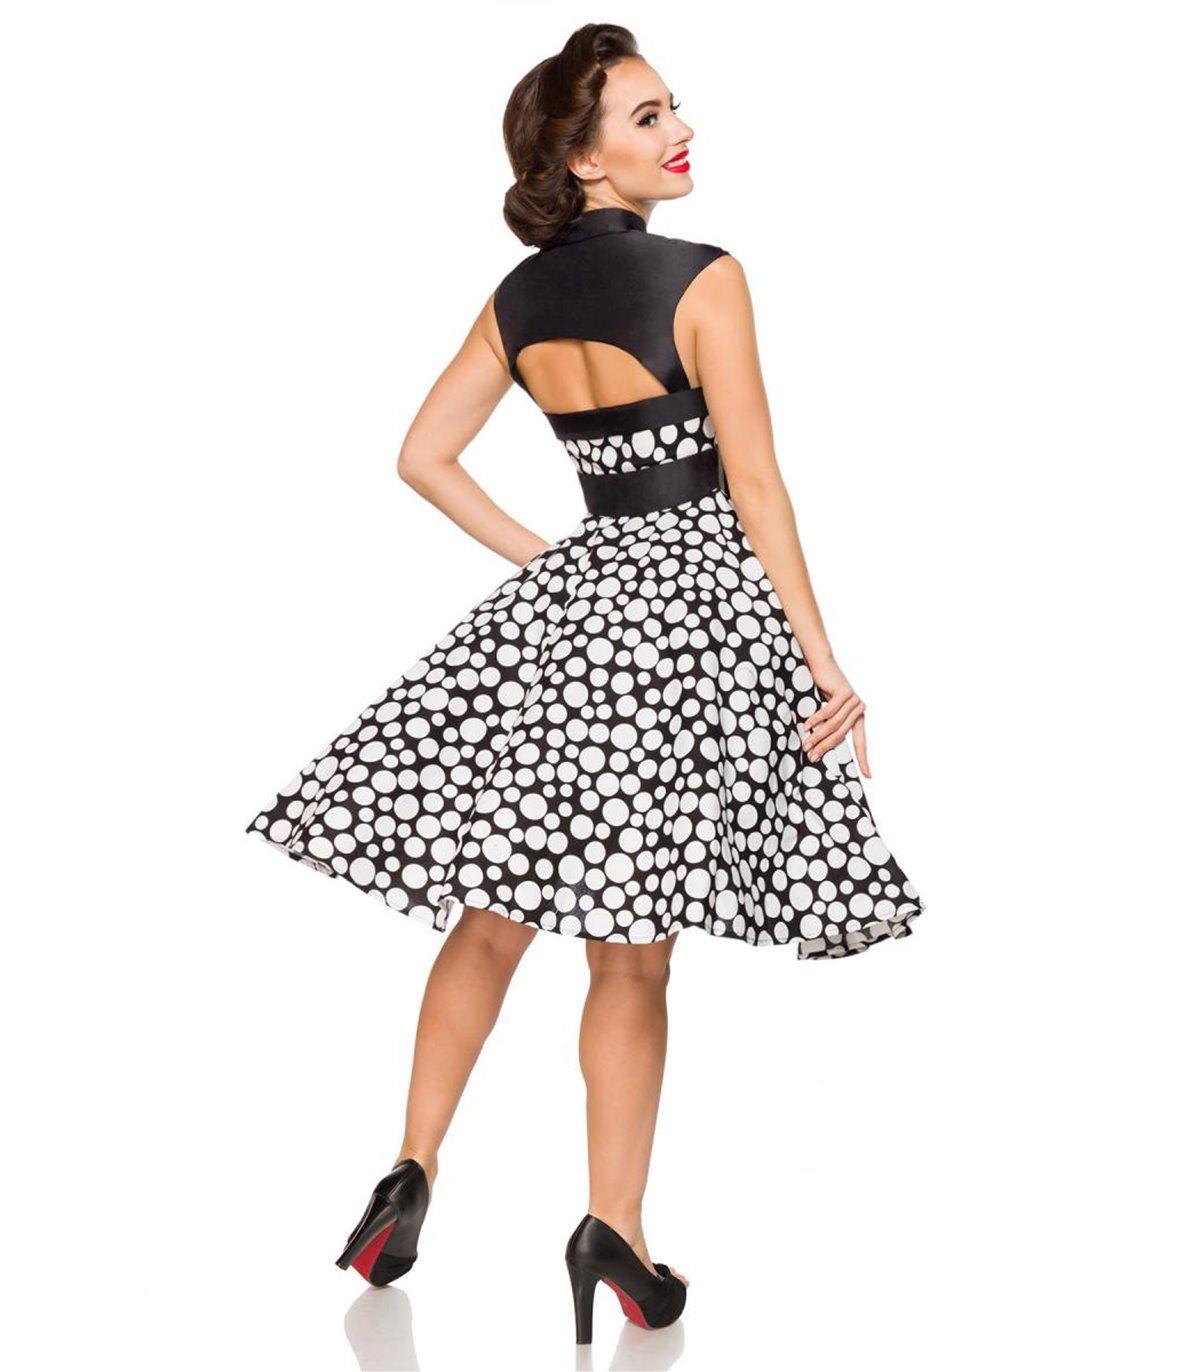 Belsira Vintage-Kleid schwarz/weiss - midi Kleider online ...